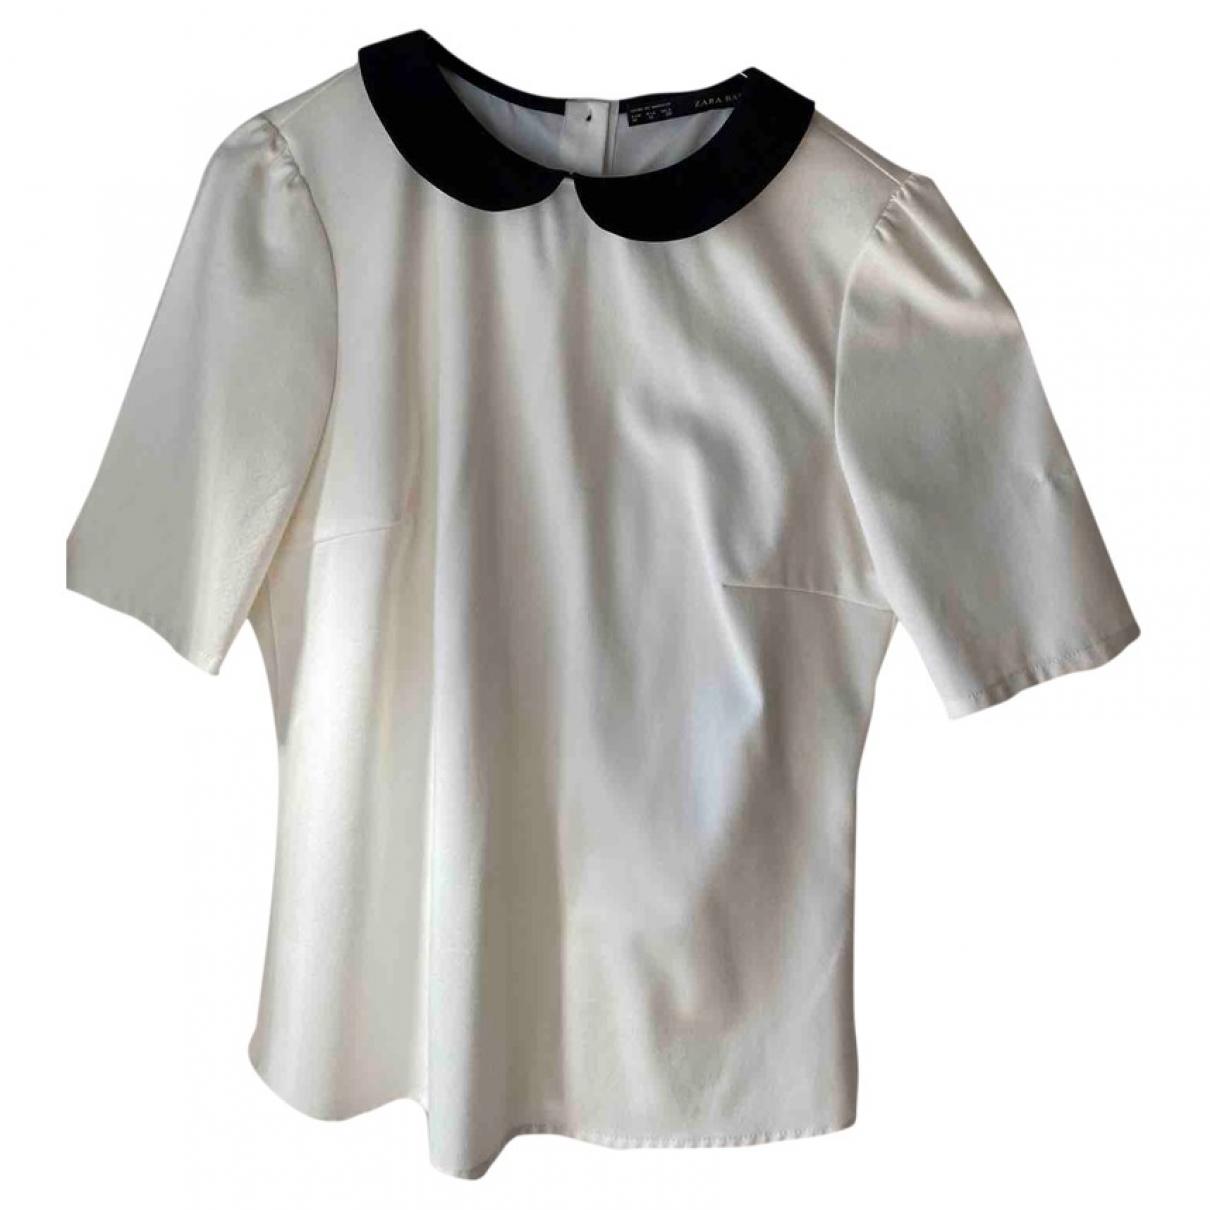 Zara \N White  top for Women M International